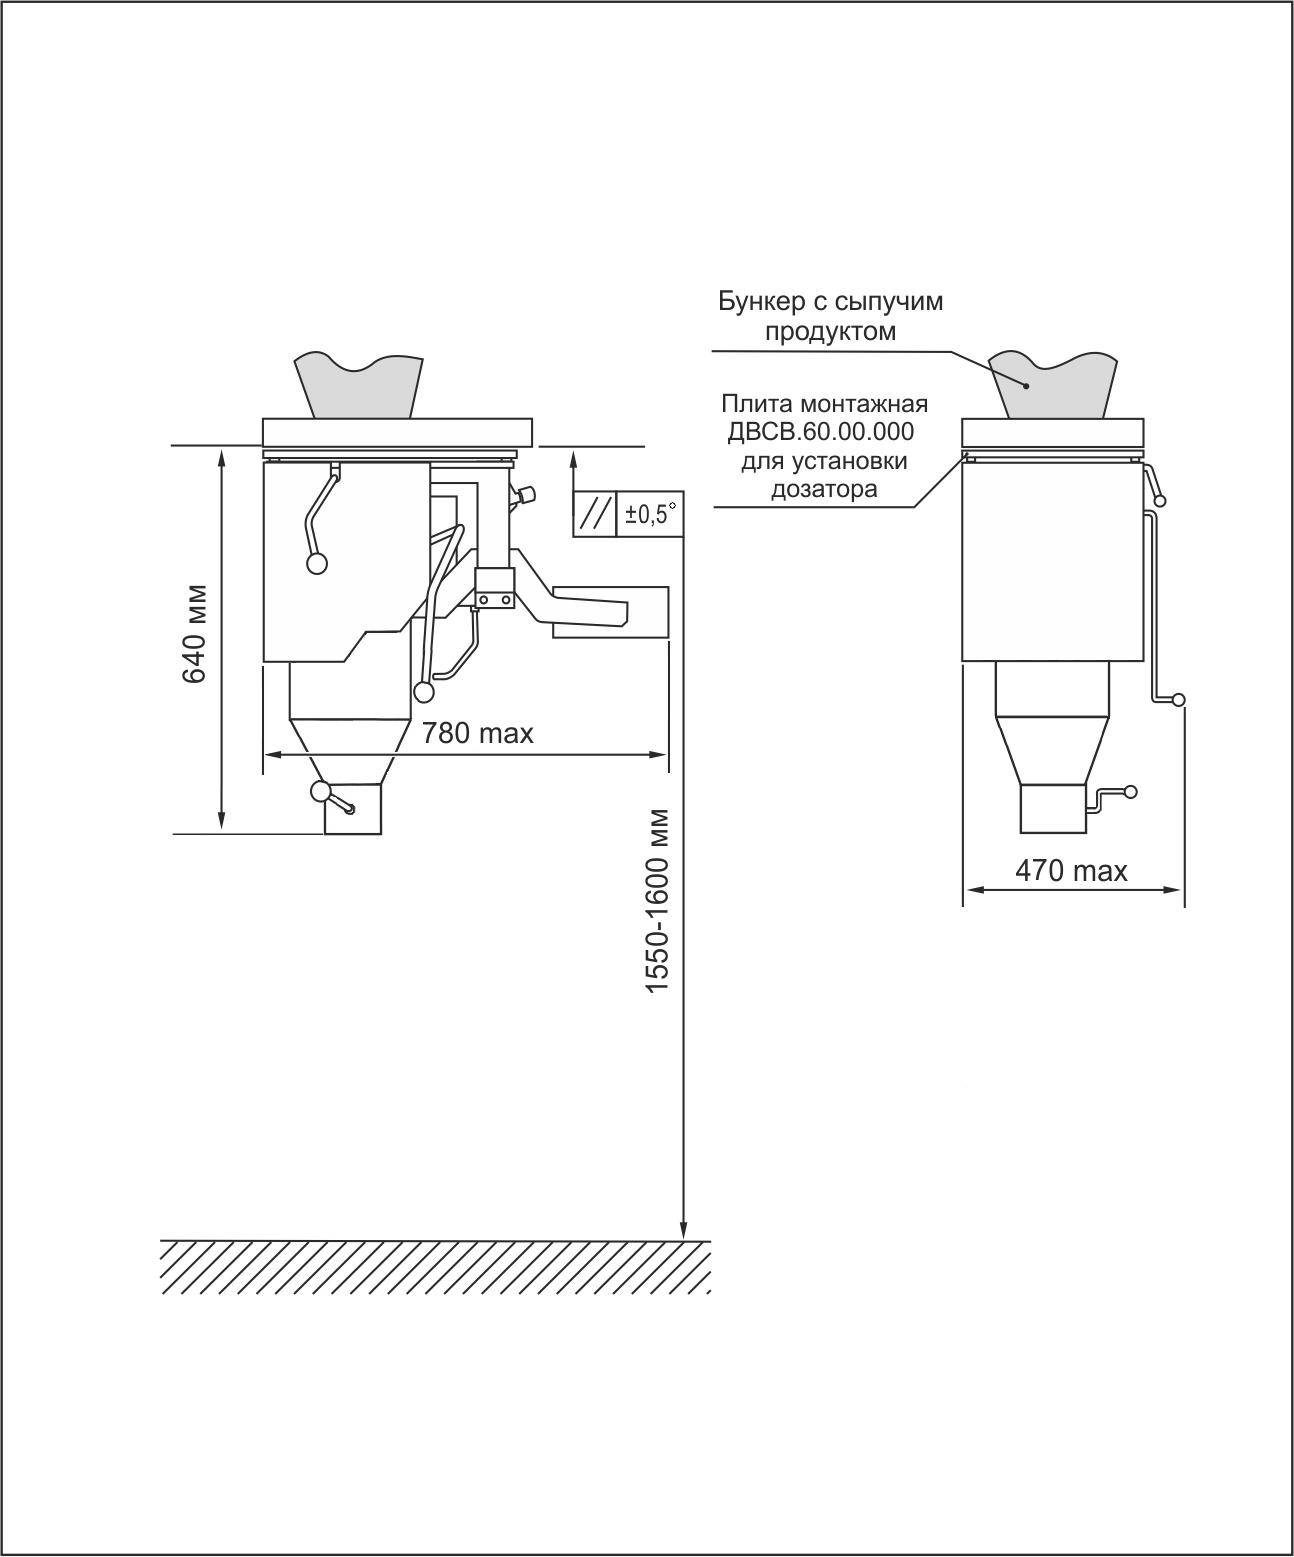 Схема установки ДВСВ-N